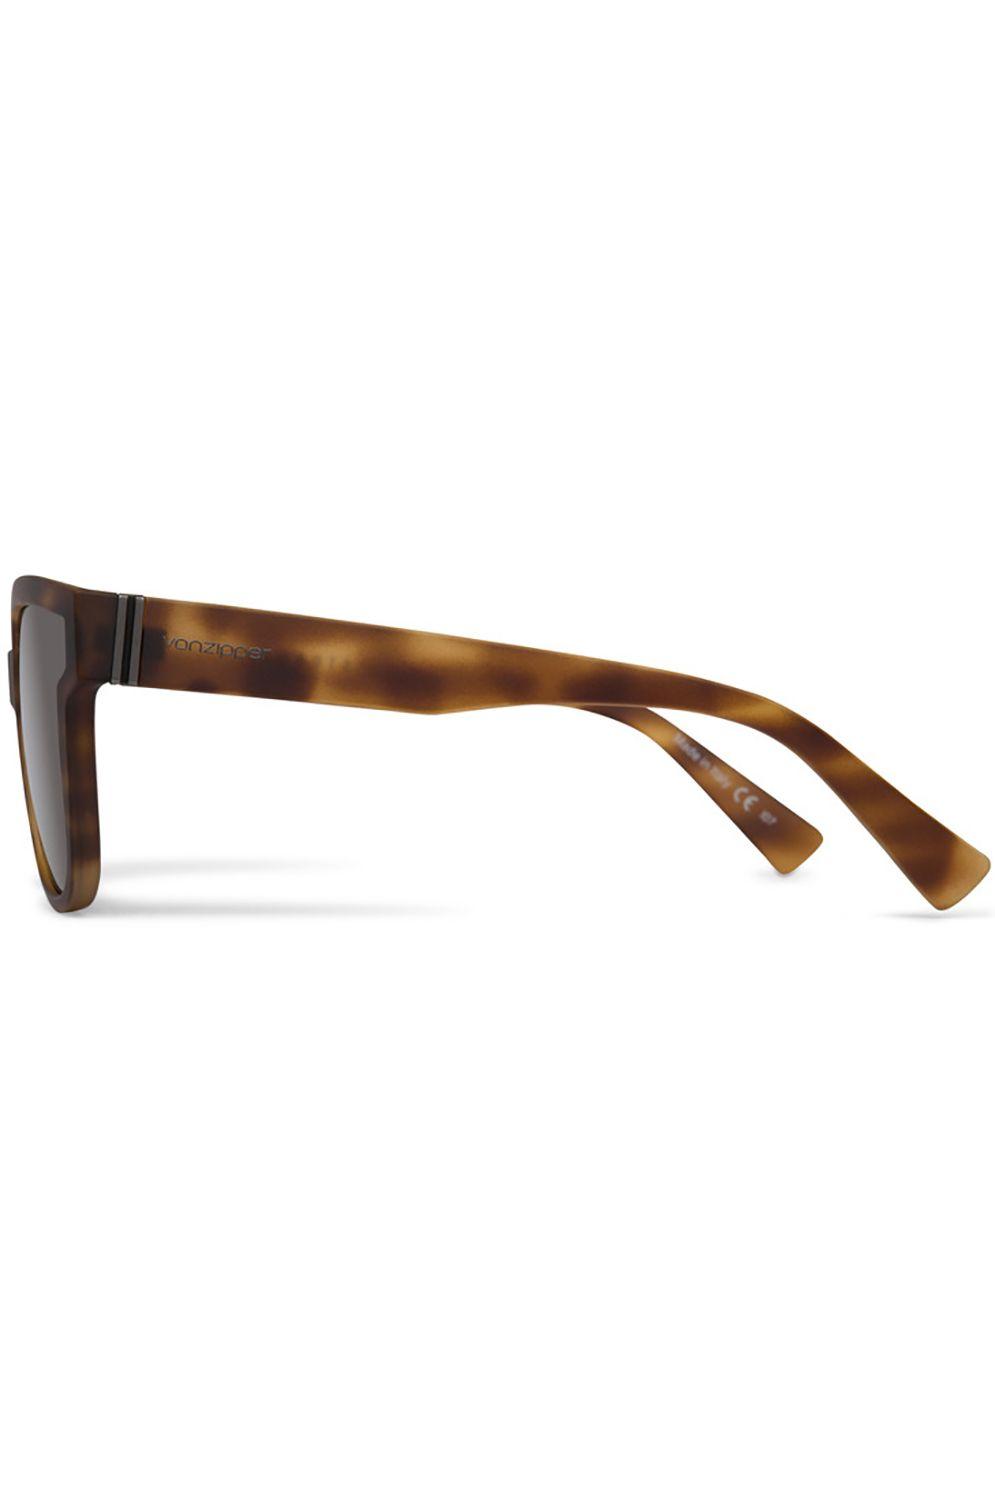 VonZipper Sunglasses STRANZ Tortoise Satin / Bronze